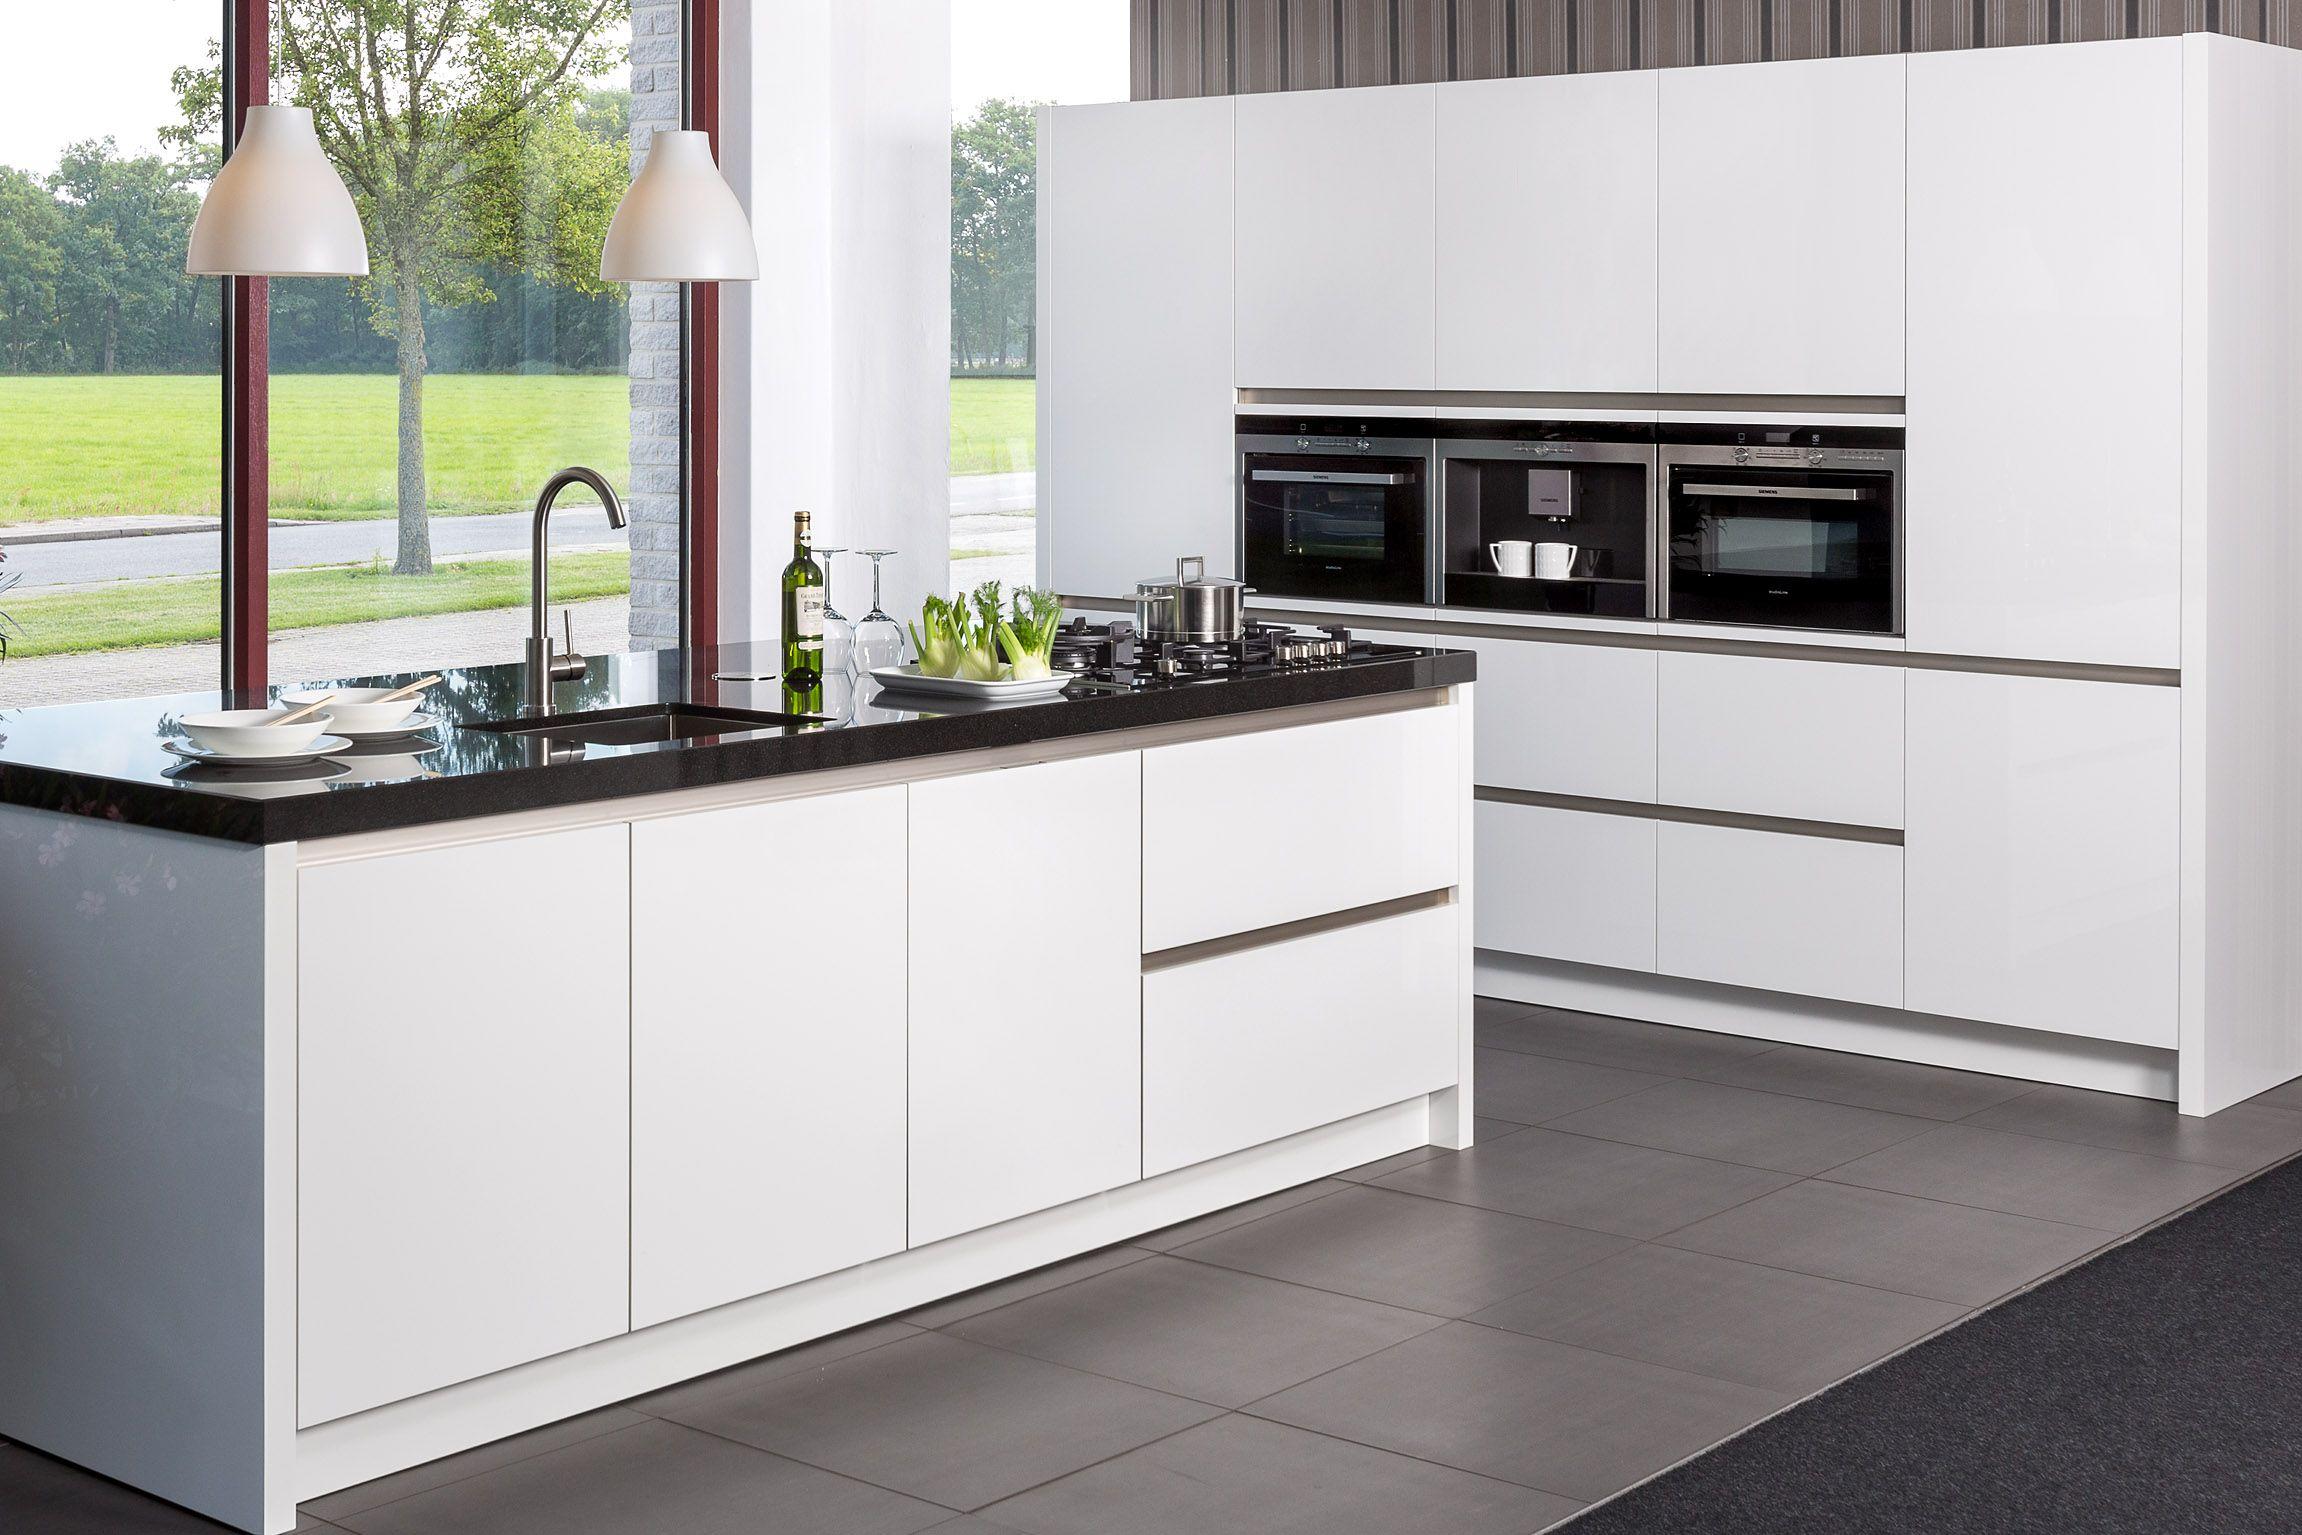 Keuken Met Gratis Quooker : keukenaanbod van Nederland GREEPLOZE SIEMENS EILAND KEUKEN [54207